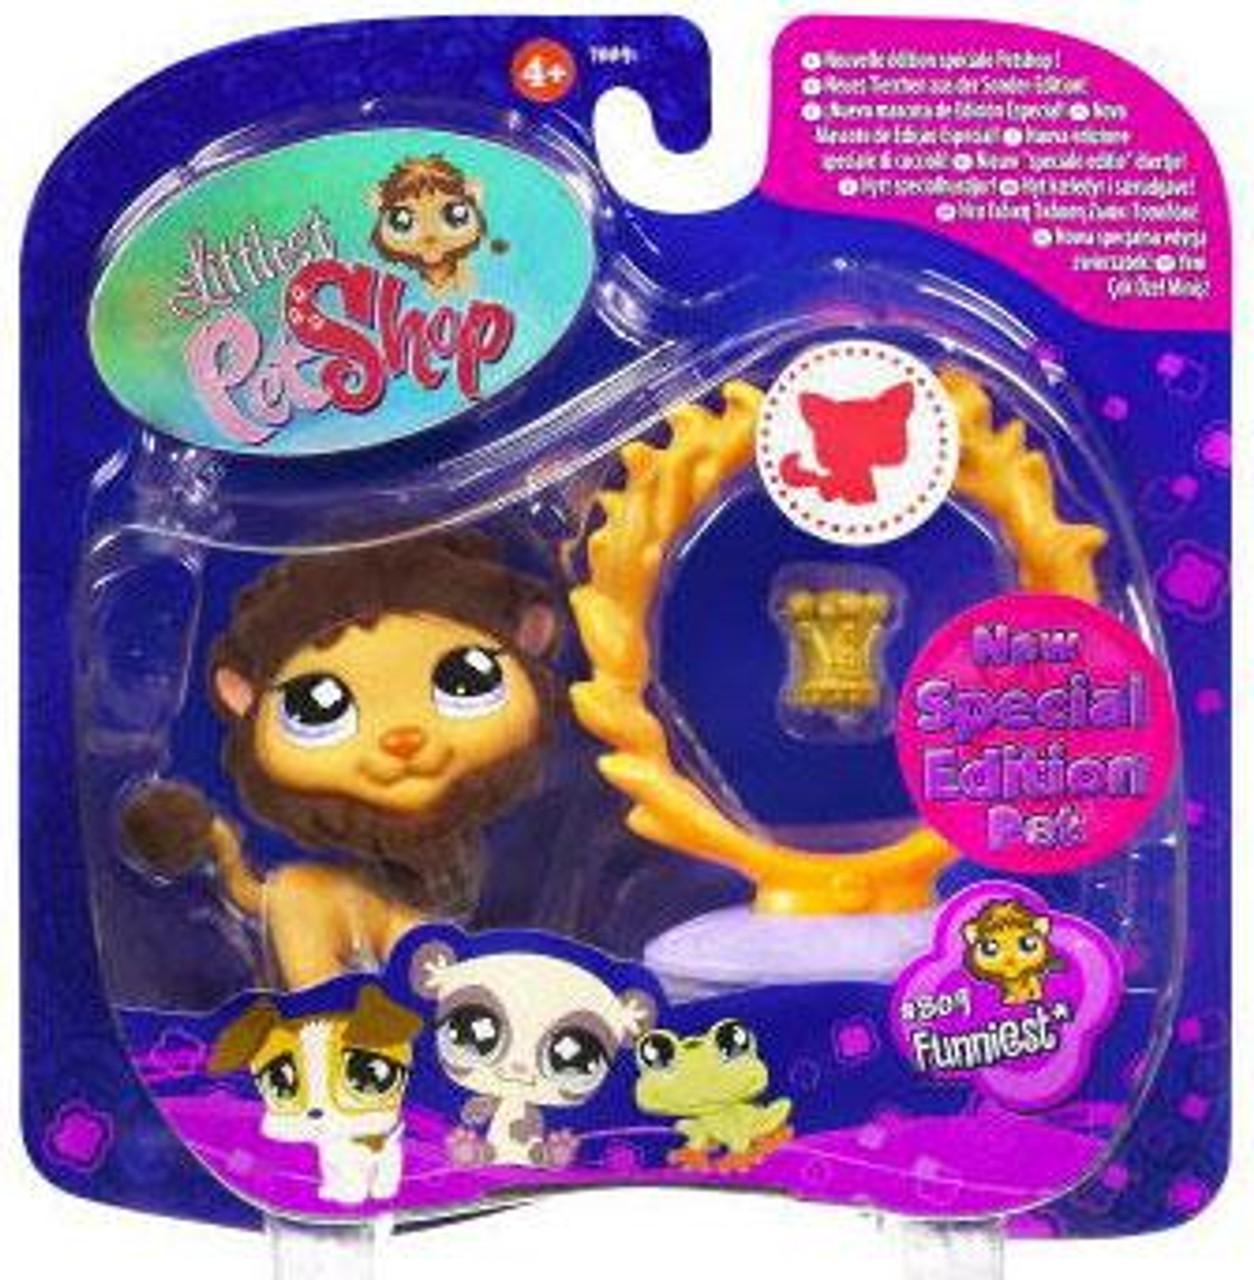 Littlest Pet Shop 2009 Assortment A Series 1 Lion Figure #809 [Flaming Hoop & Crown]